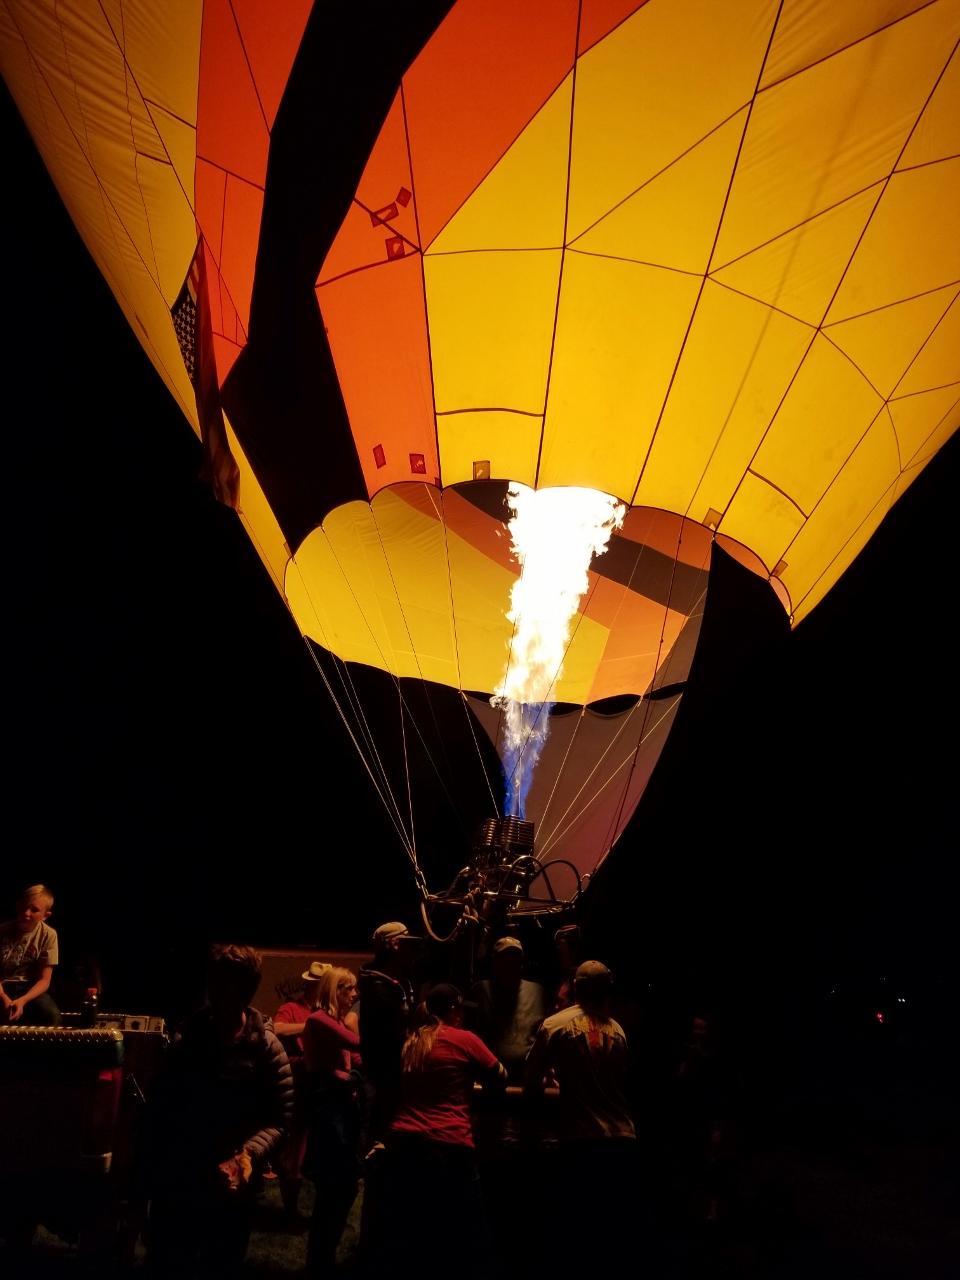 Balloon Glow at the Albuquerque Balloon Fiesta